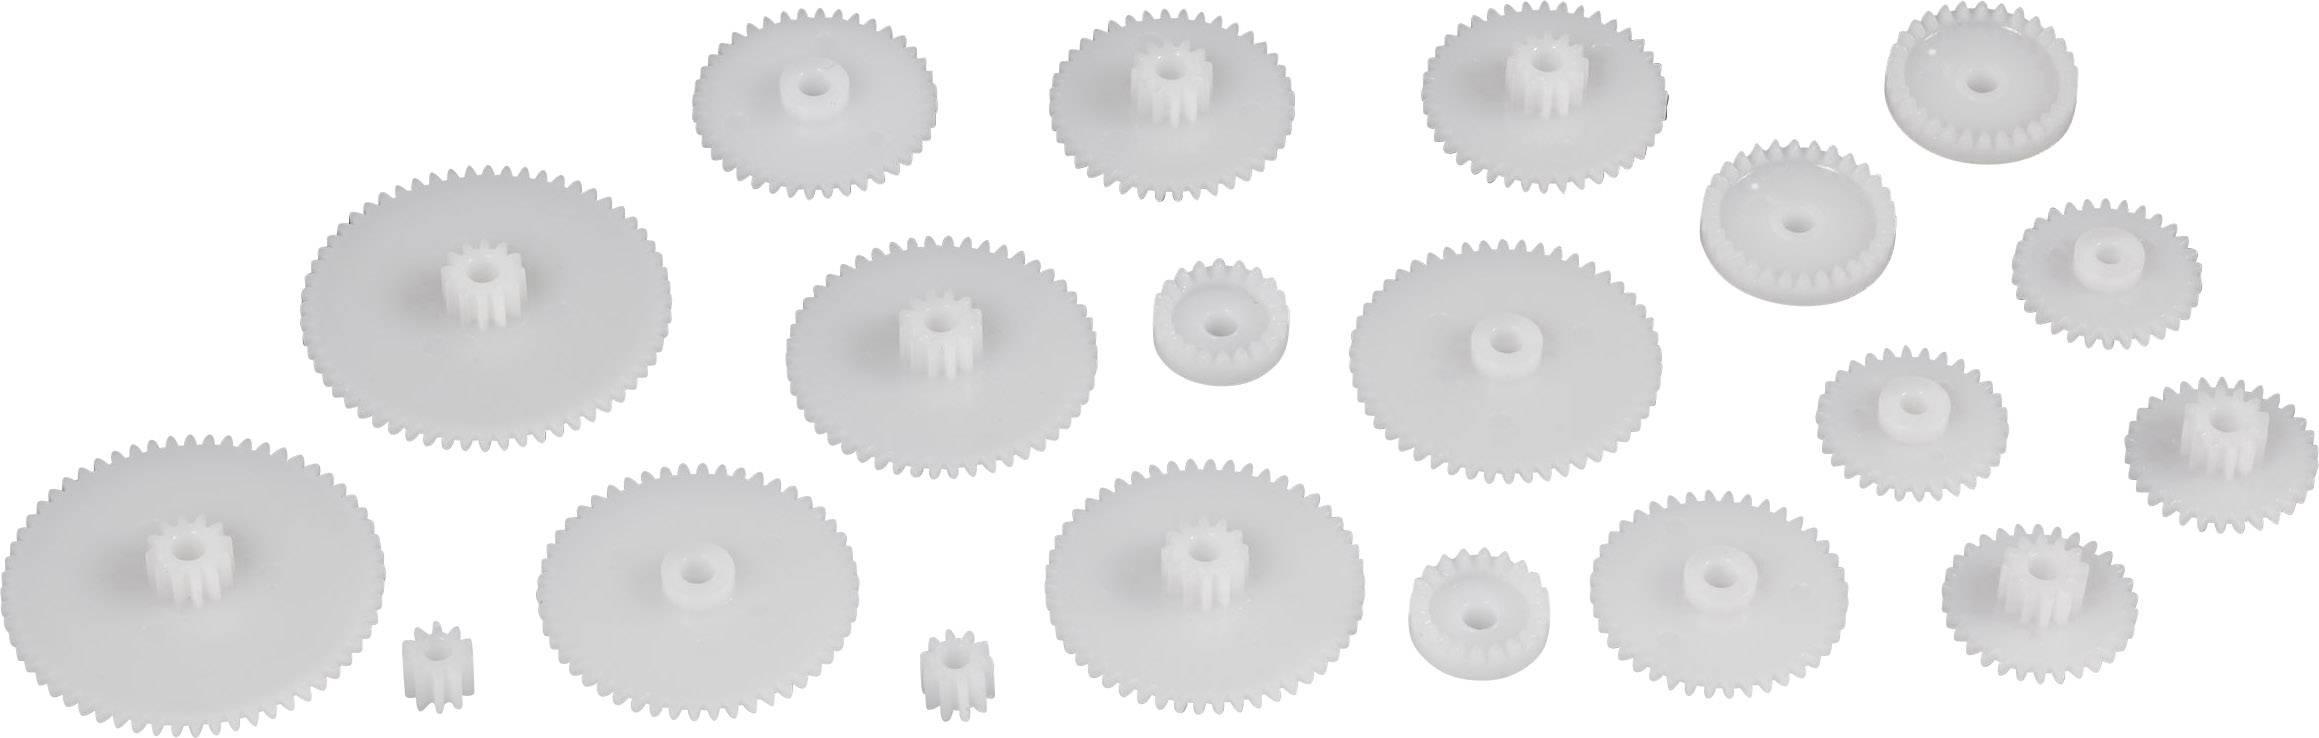 Sada ozubených koleček Modelcraft, zubů 10/20/30/40/50/60, M0.5, 20 ks